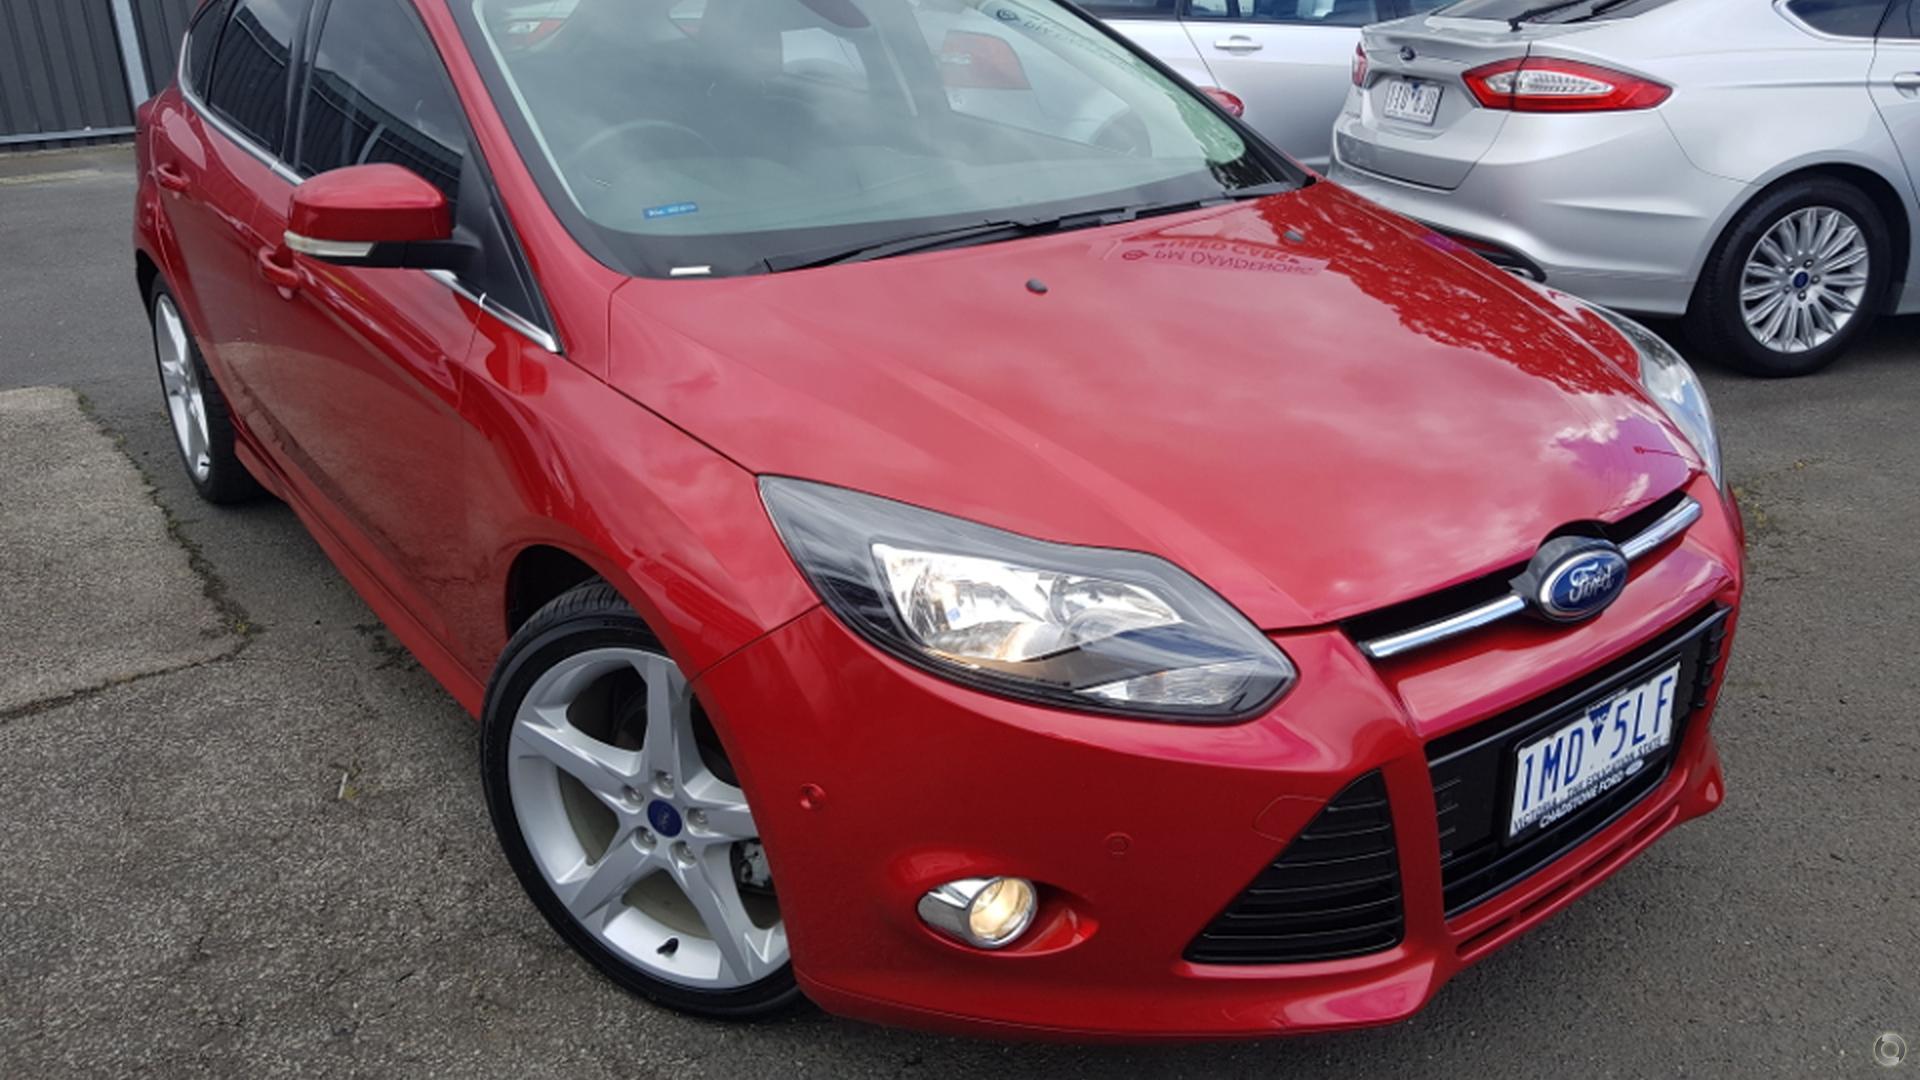 2013 Ford Focus Titanium LW MKII